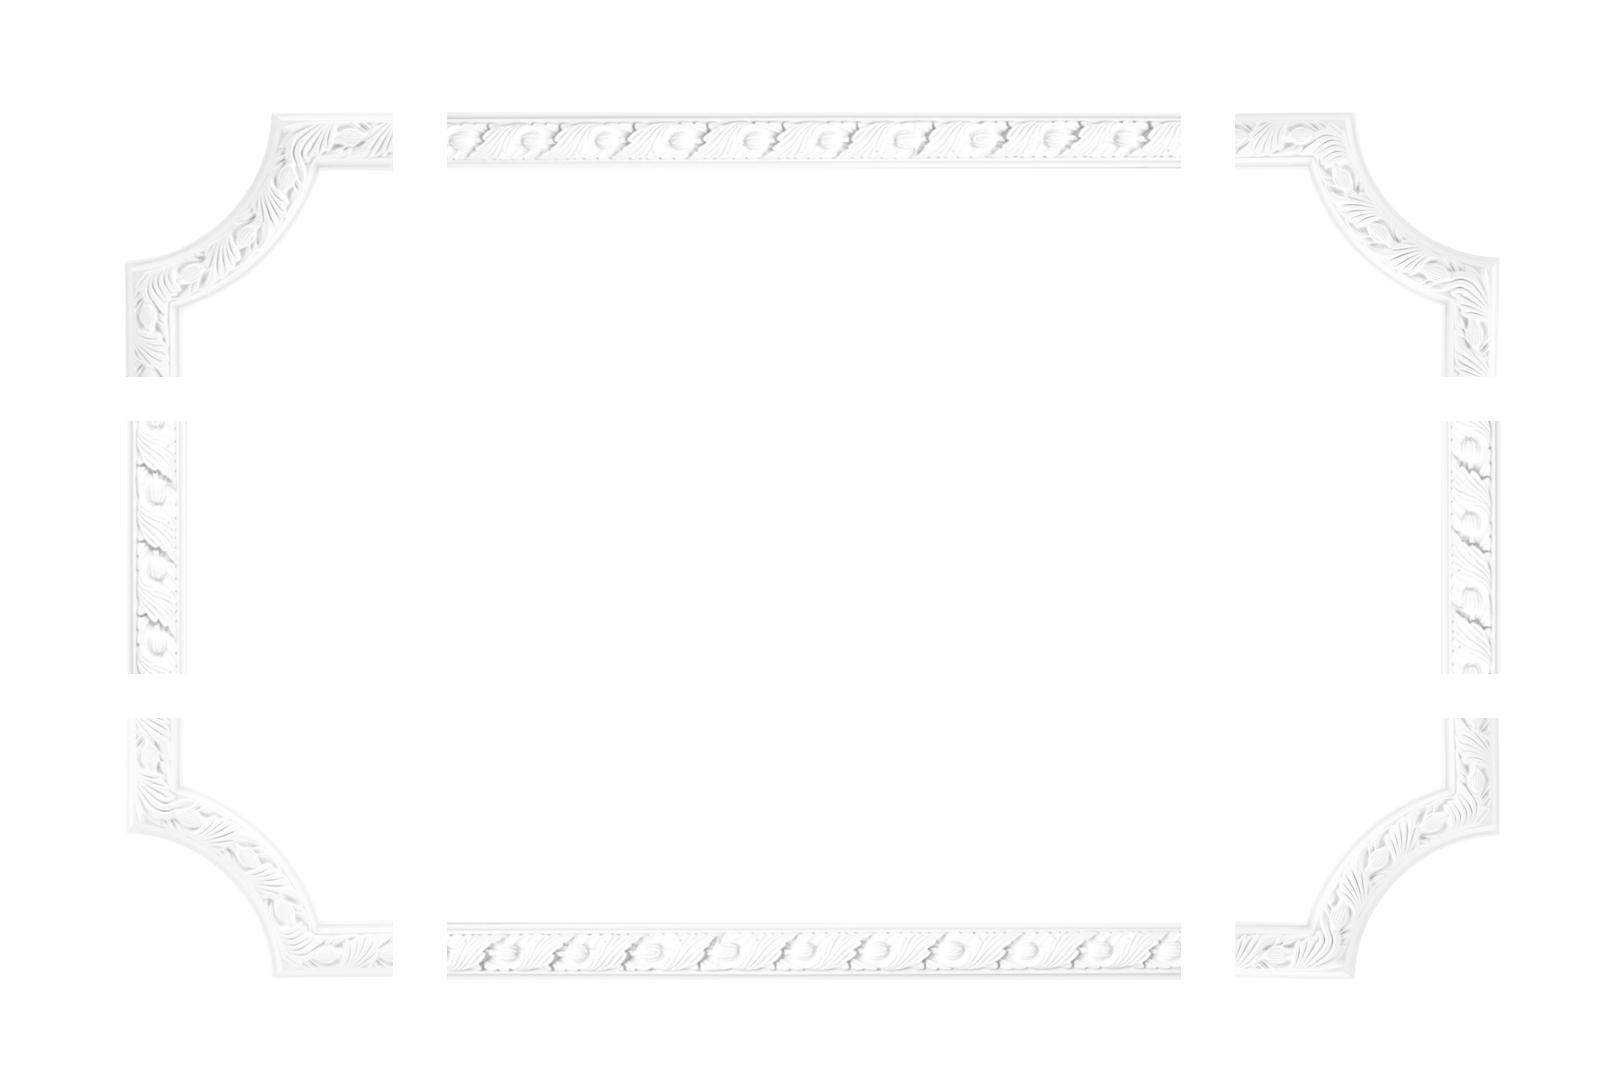 Wand- und Deckenumrandung | Fries | Stuck | PU | stoßfest | CR720/A